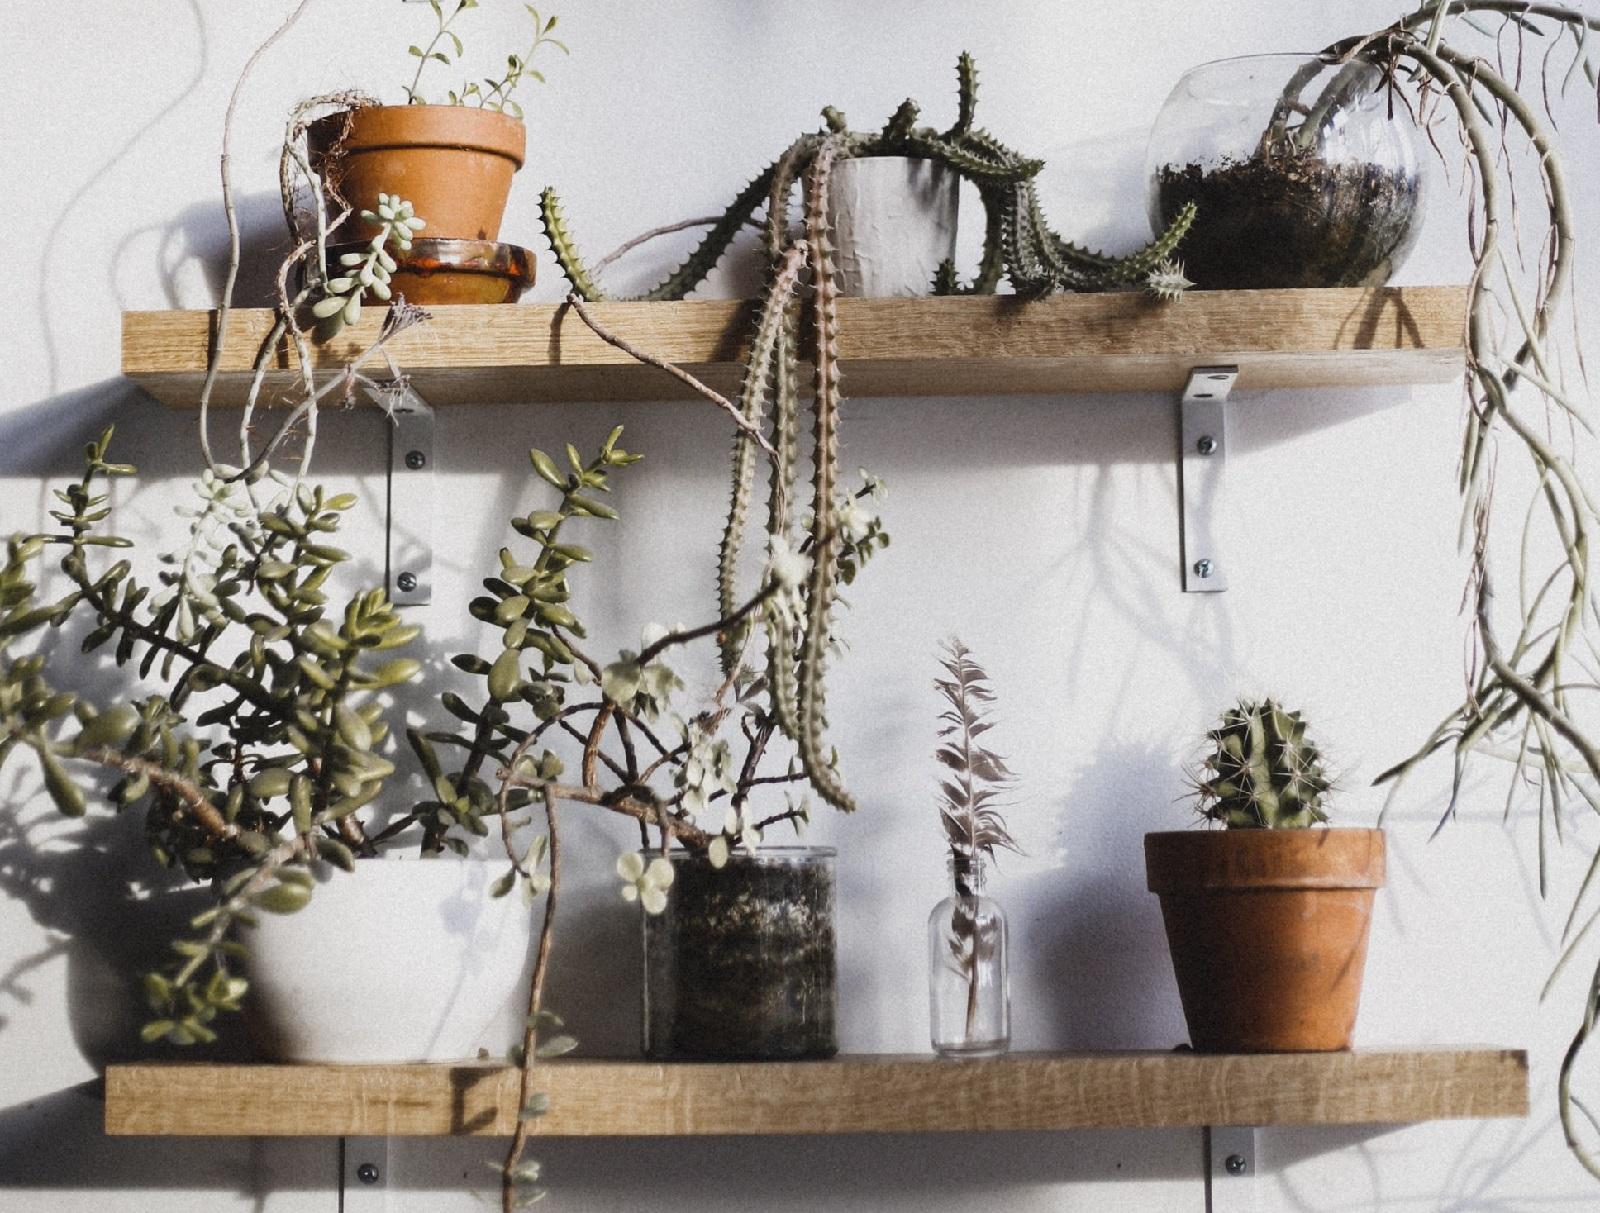 Planten in plantenasiel